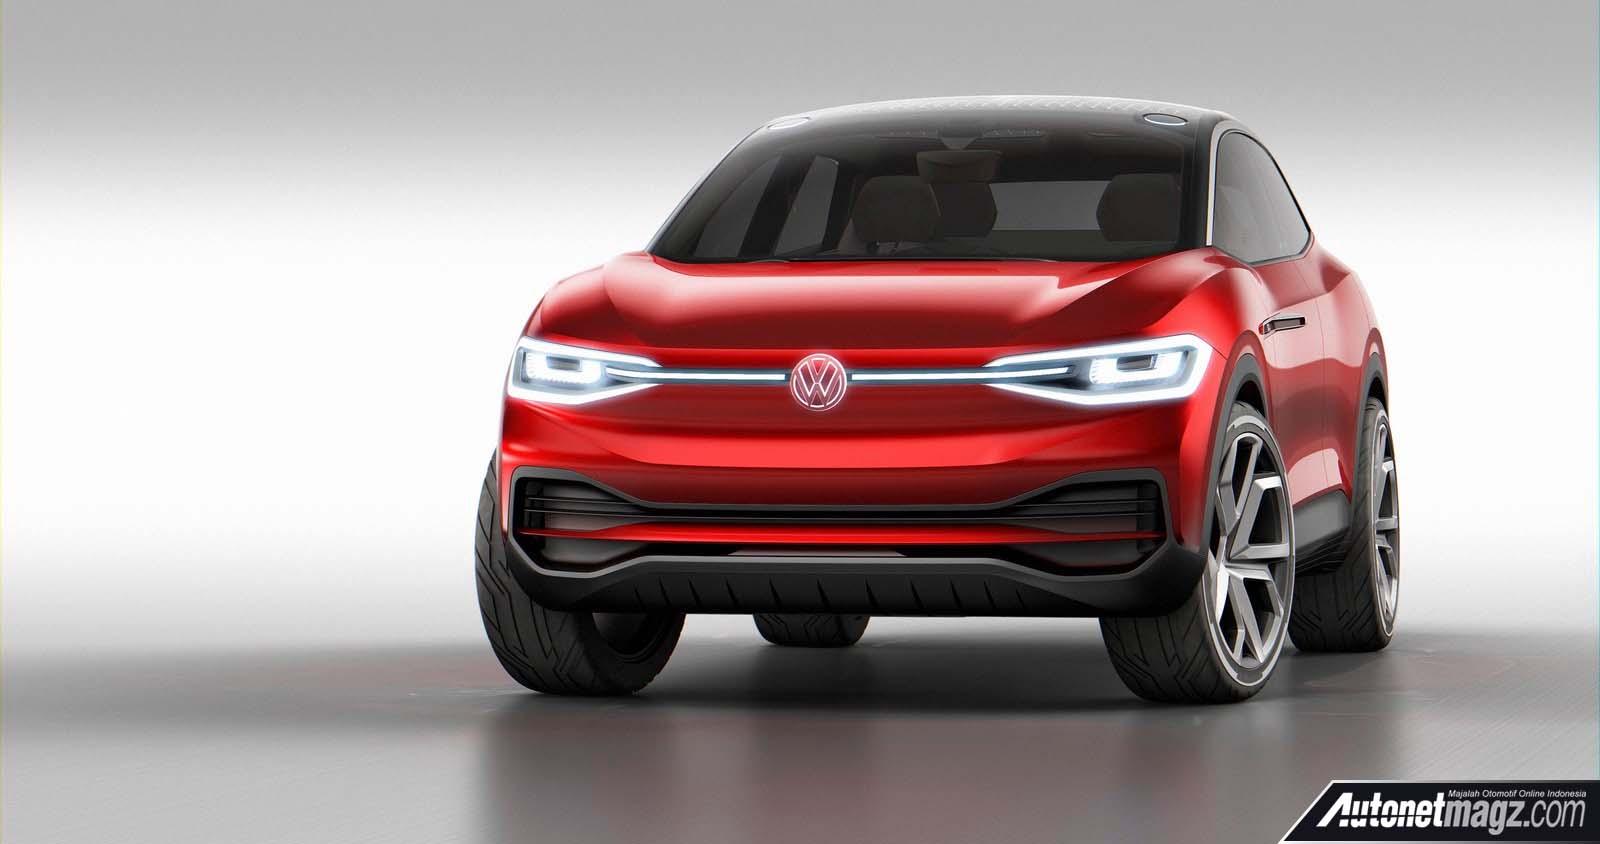 Berita, sisi depan Volkswagen ID Crozz II: Frankfurt Motor Show 2017 : VW ID Crozz II Akan Diproduksi Pada 2020